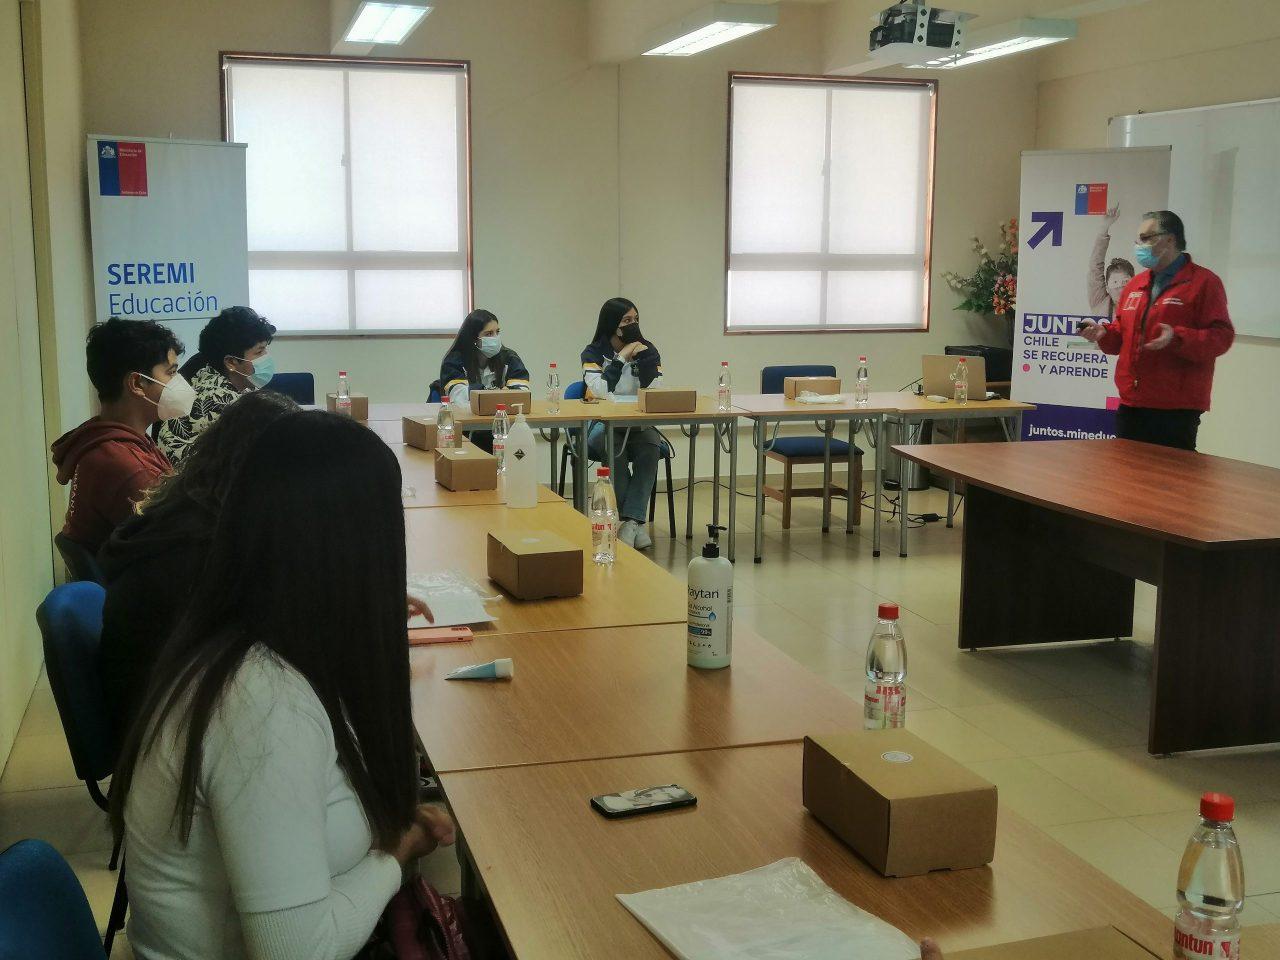 cabildo-estudiantes-3-scaled